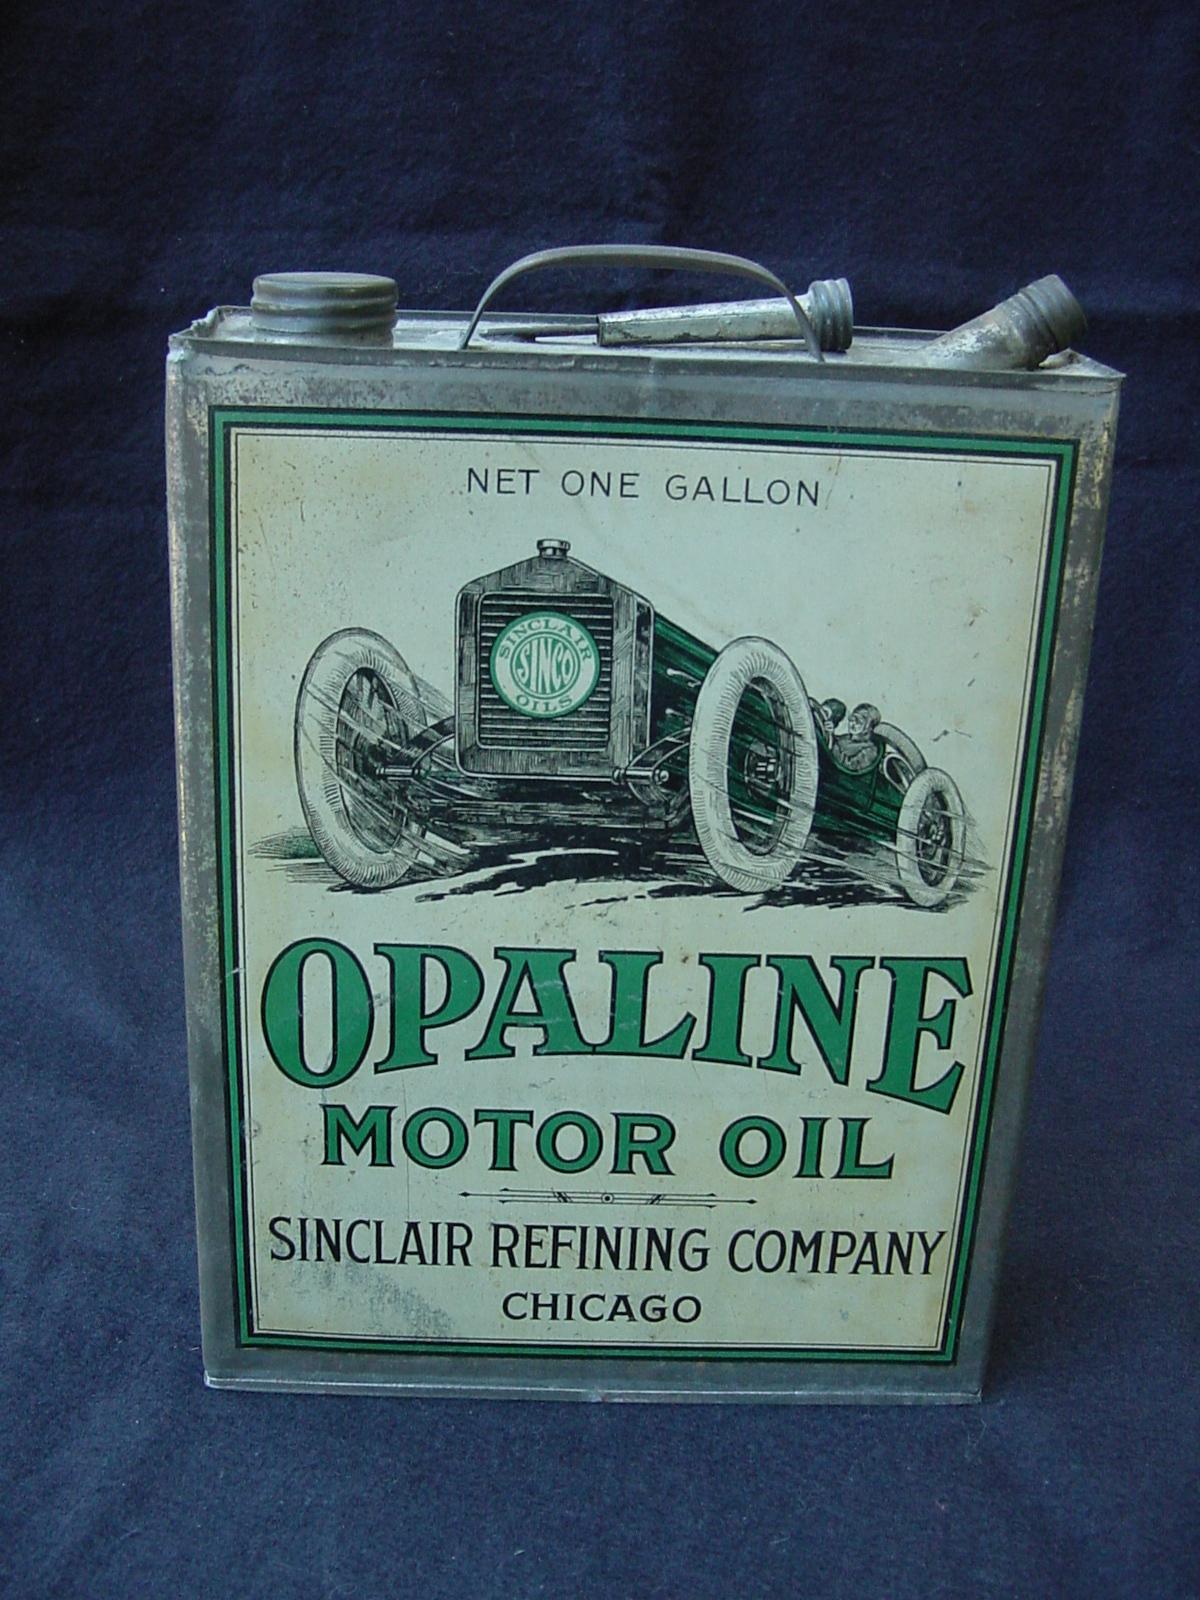 Old internal combustion engine car old free engine image for Motor oil for older cars